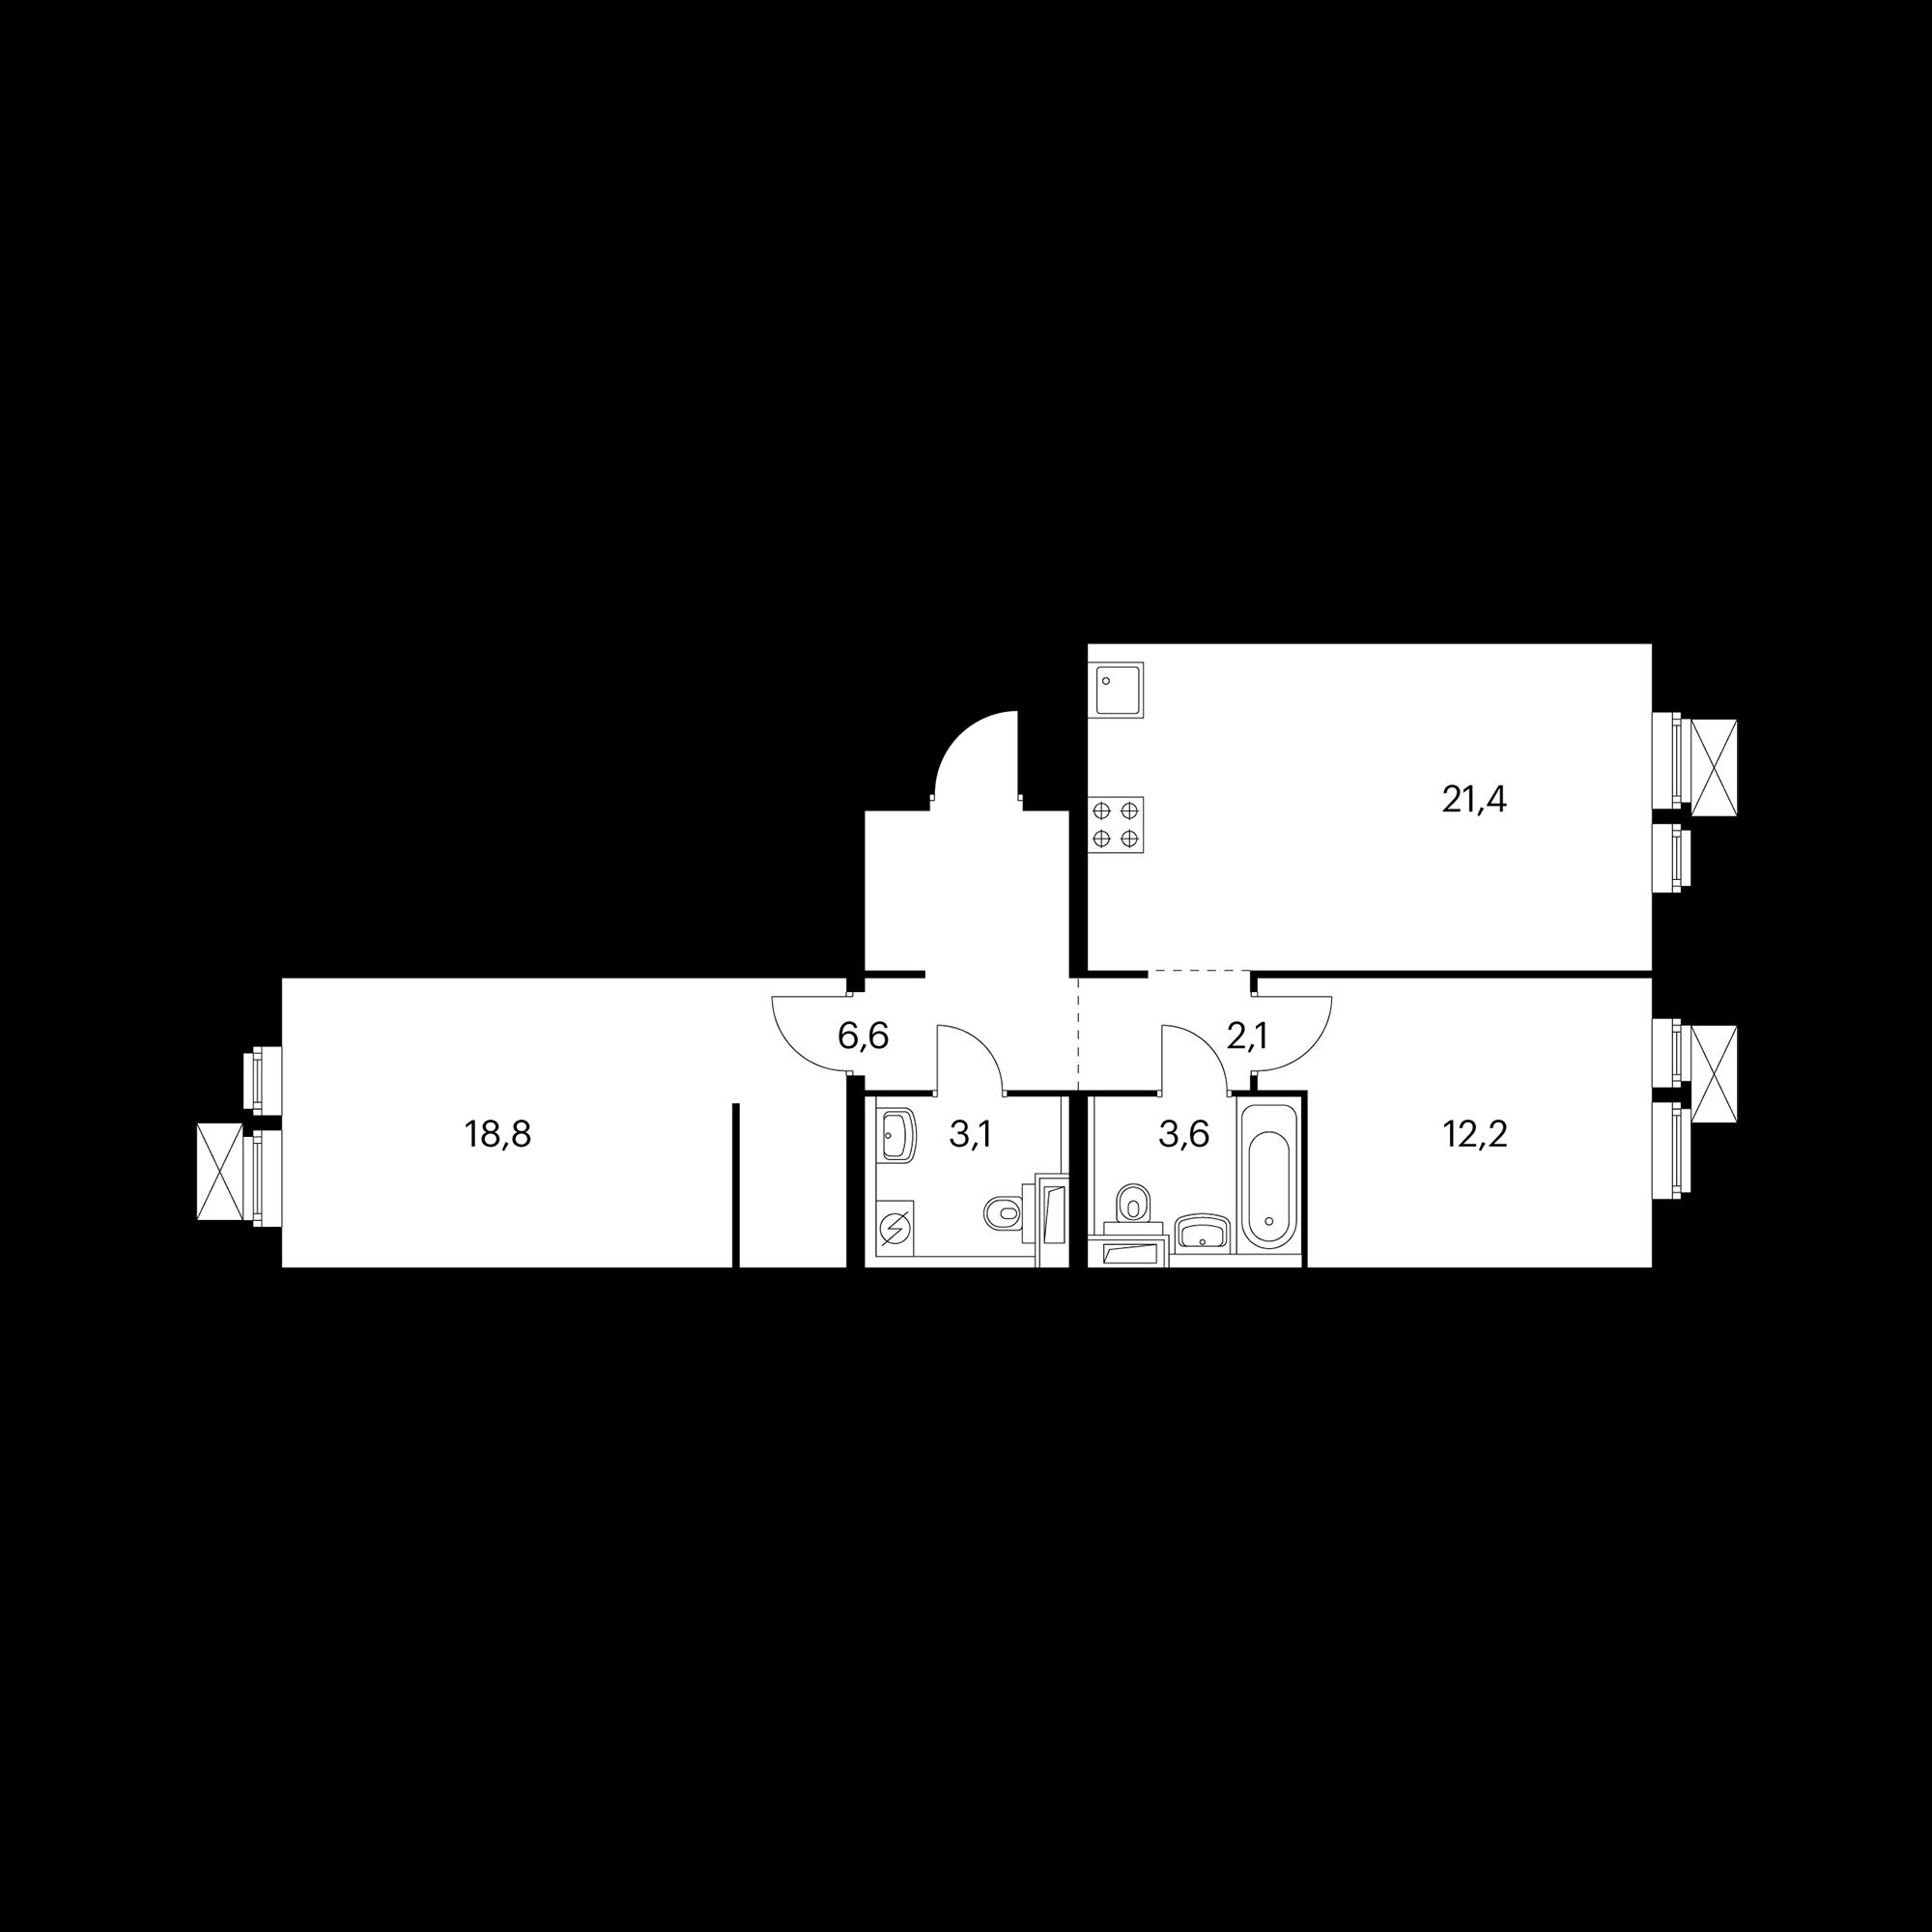 2EL3_6.9-1_S_Z1